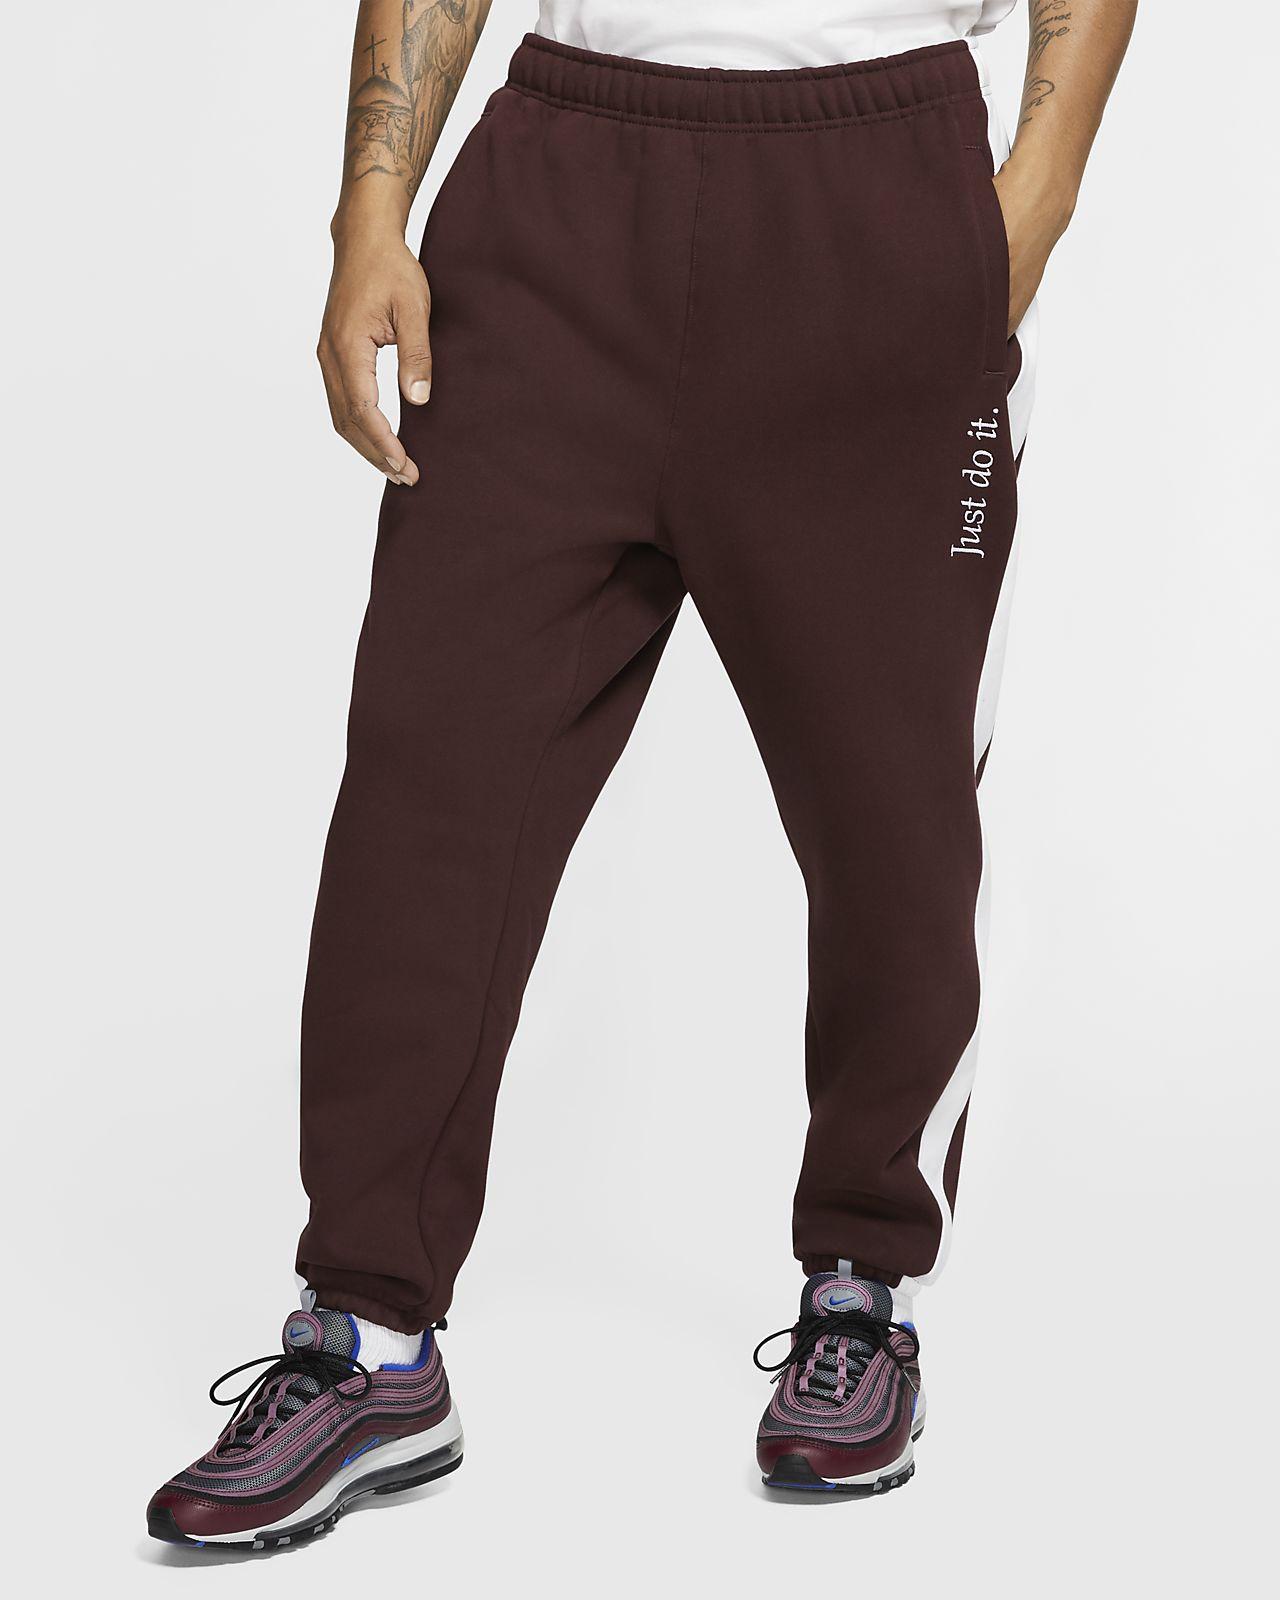 Pantaloni Nike Sportswear JDI Heavyweight Uomo